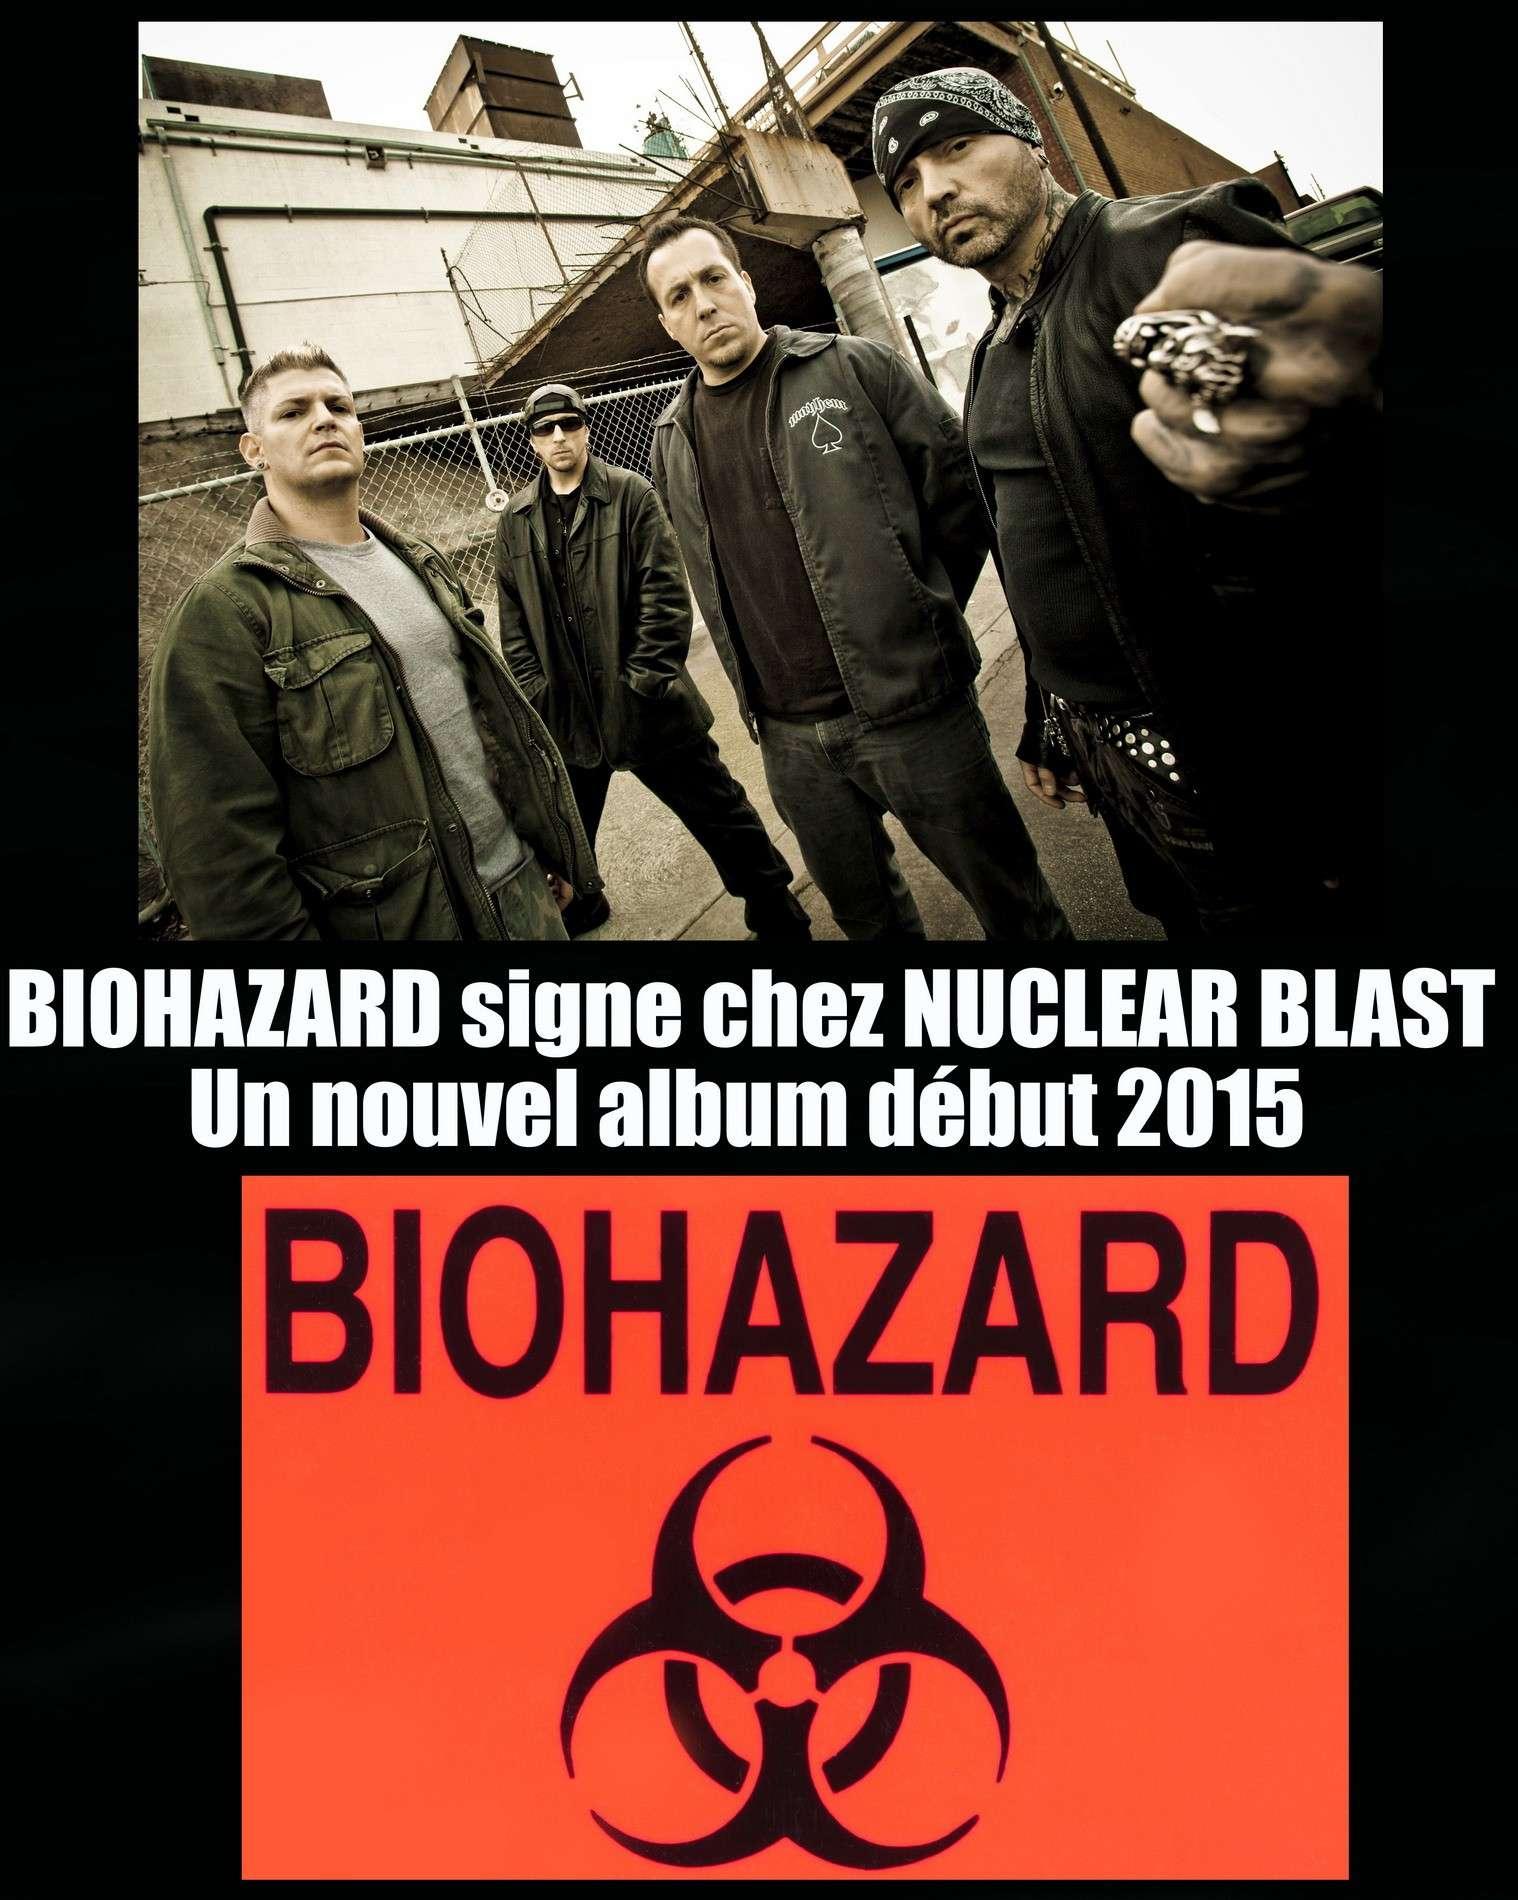 Les NEWS du METAL en VRAC ... - Page 3 Biohaz10